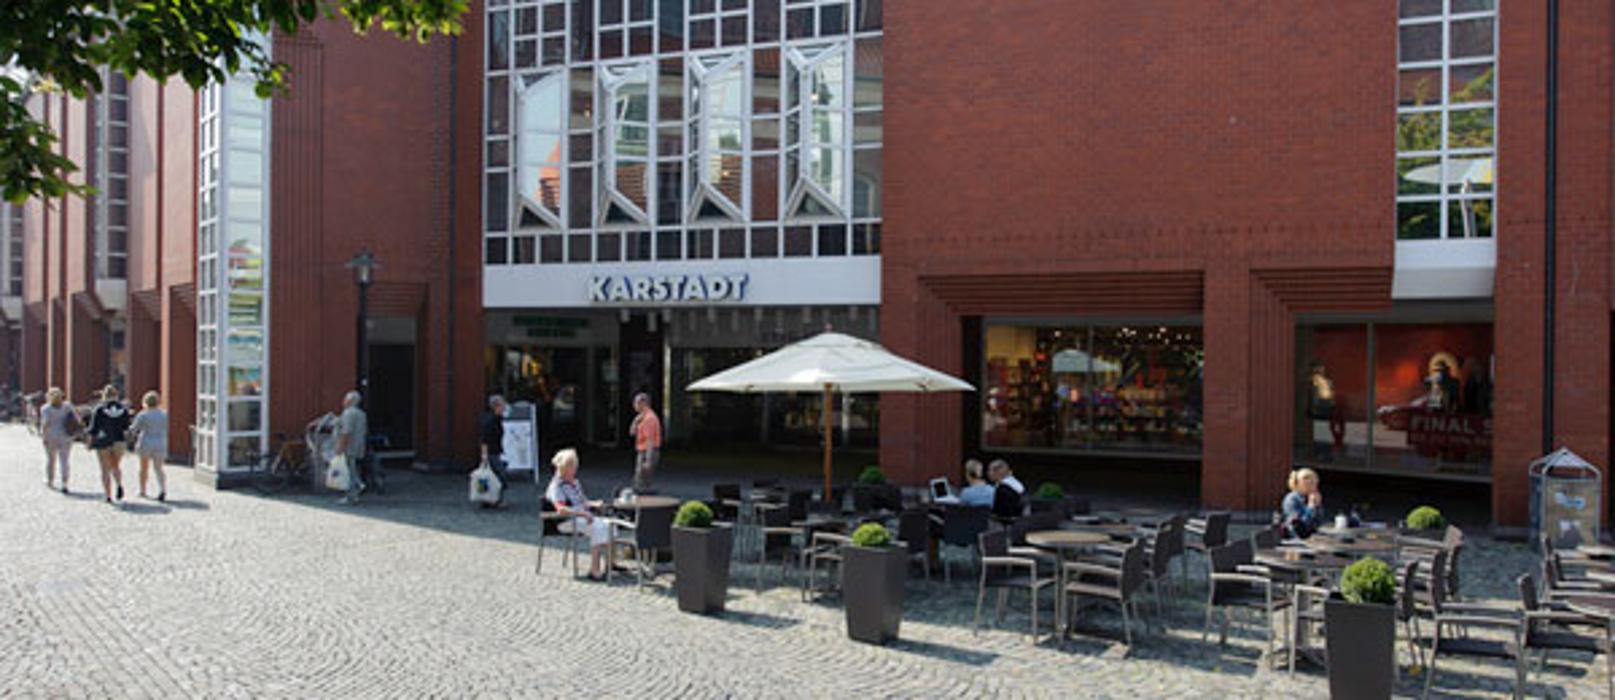 GALERIA (Karstadt) Münster Salzstraße, Salzstraße in Münster